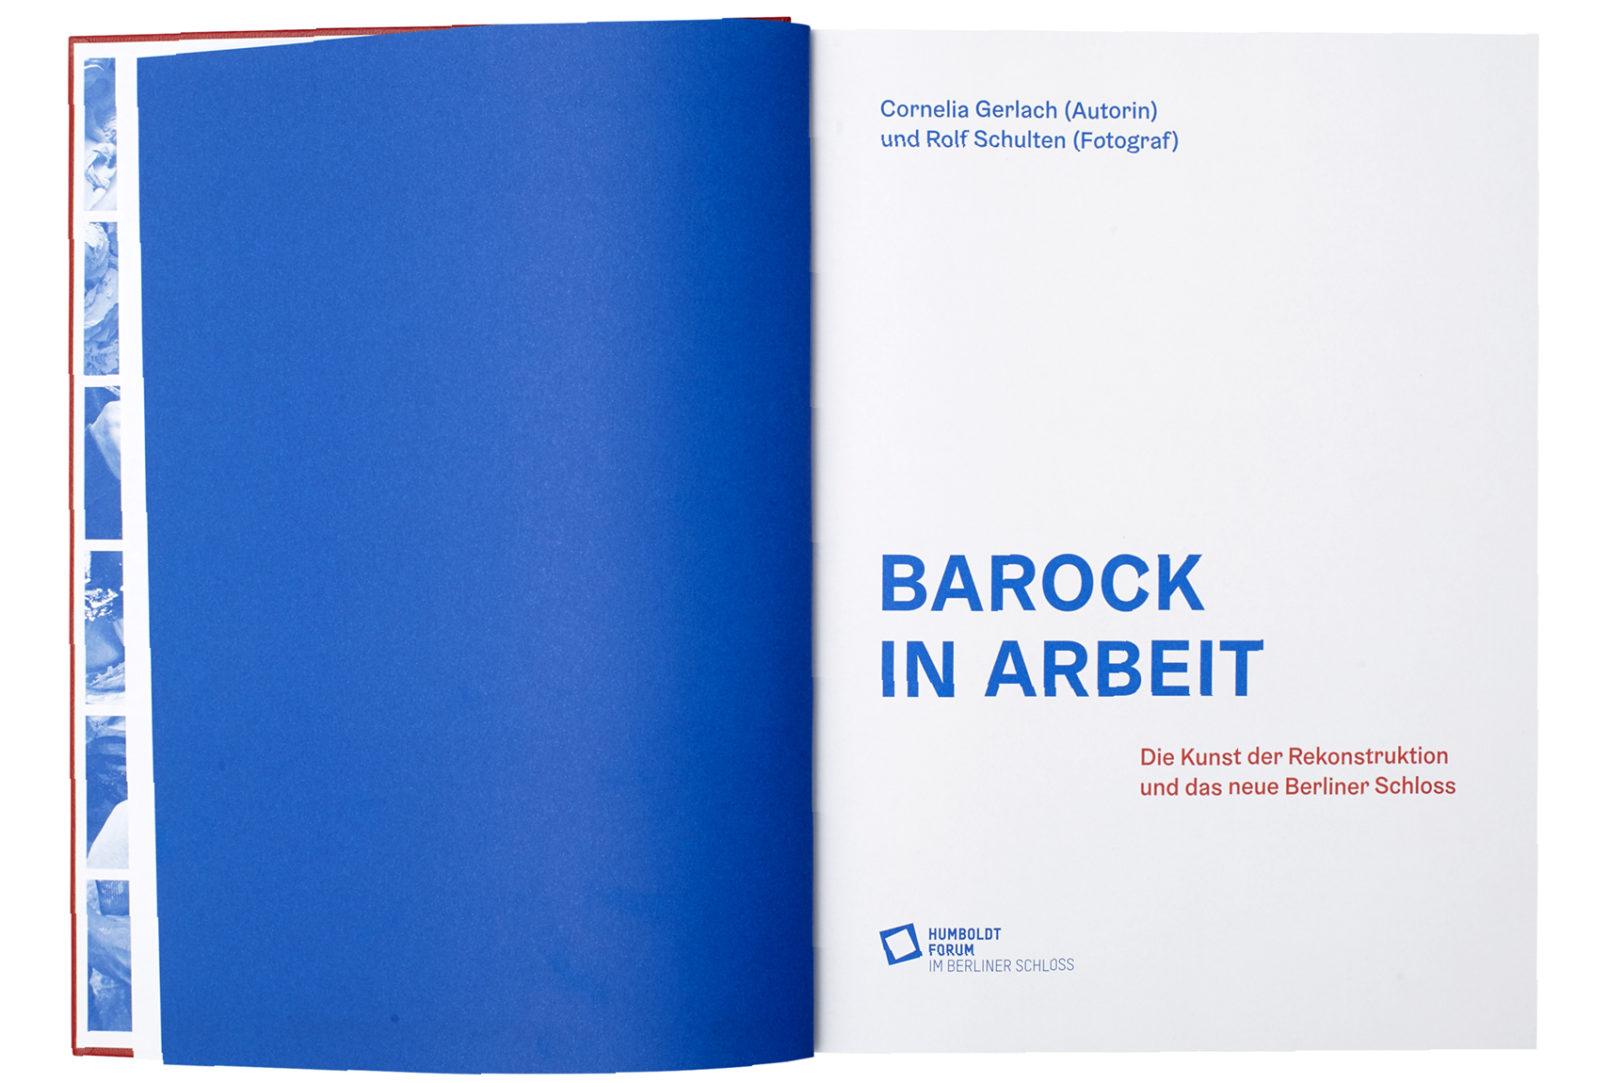 http://e-o-t.de/wordpress/wp-content/uploads/2018/07/eot-2017-Barock-Book-122.jpg